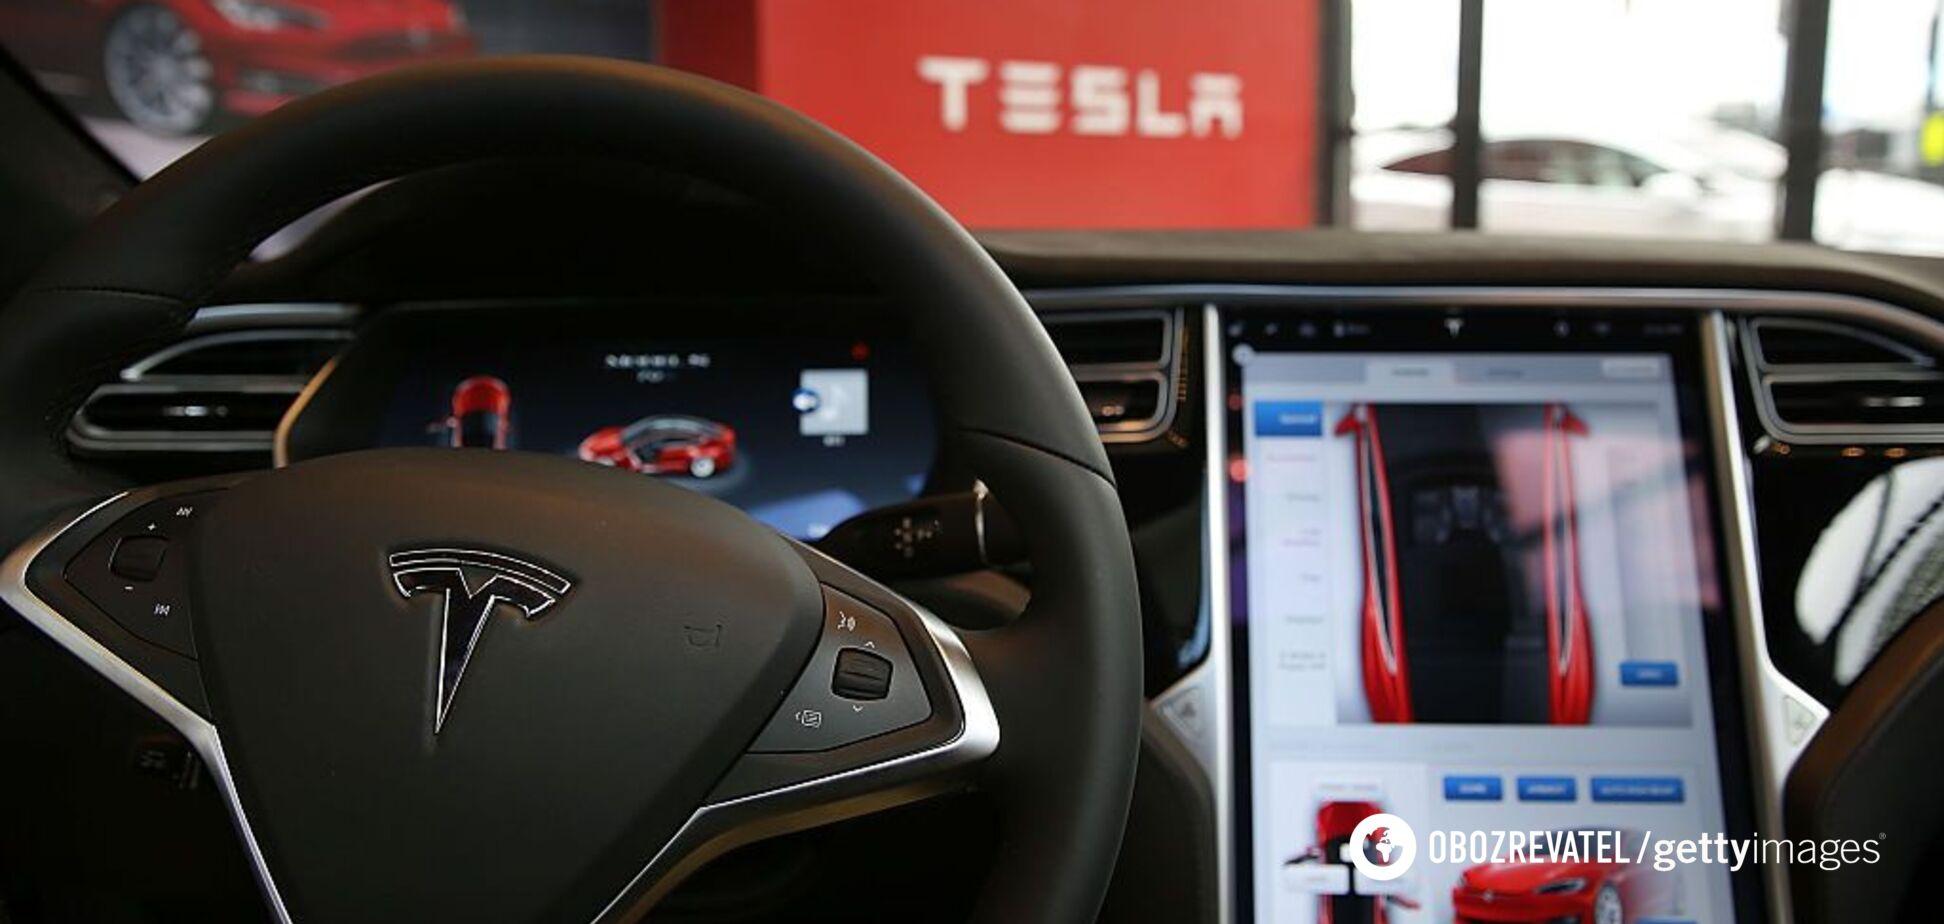 Автопілот Tesla став розумнішим: як це вплине на його поведінку